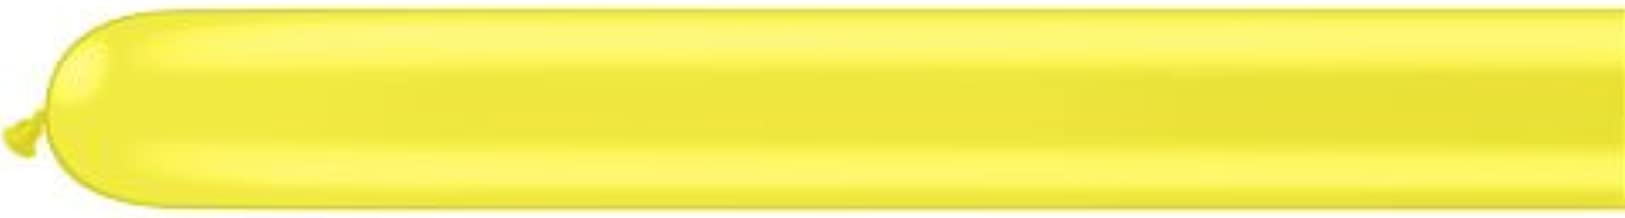 Qualatex ★260Q★スタンダードカラー(単色)約100入 イエロー 【風船 バルーン】【マジックバルーン】 【ペンシルバルーン】【ツイストバルーン】【バルーンアート】【縁日】【お祭り】